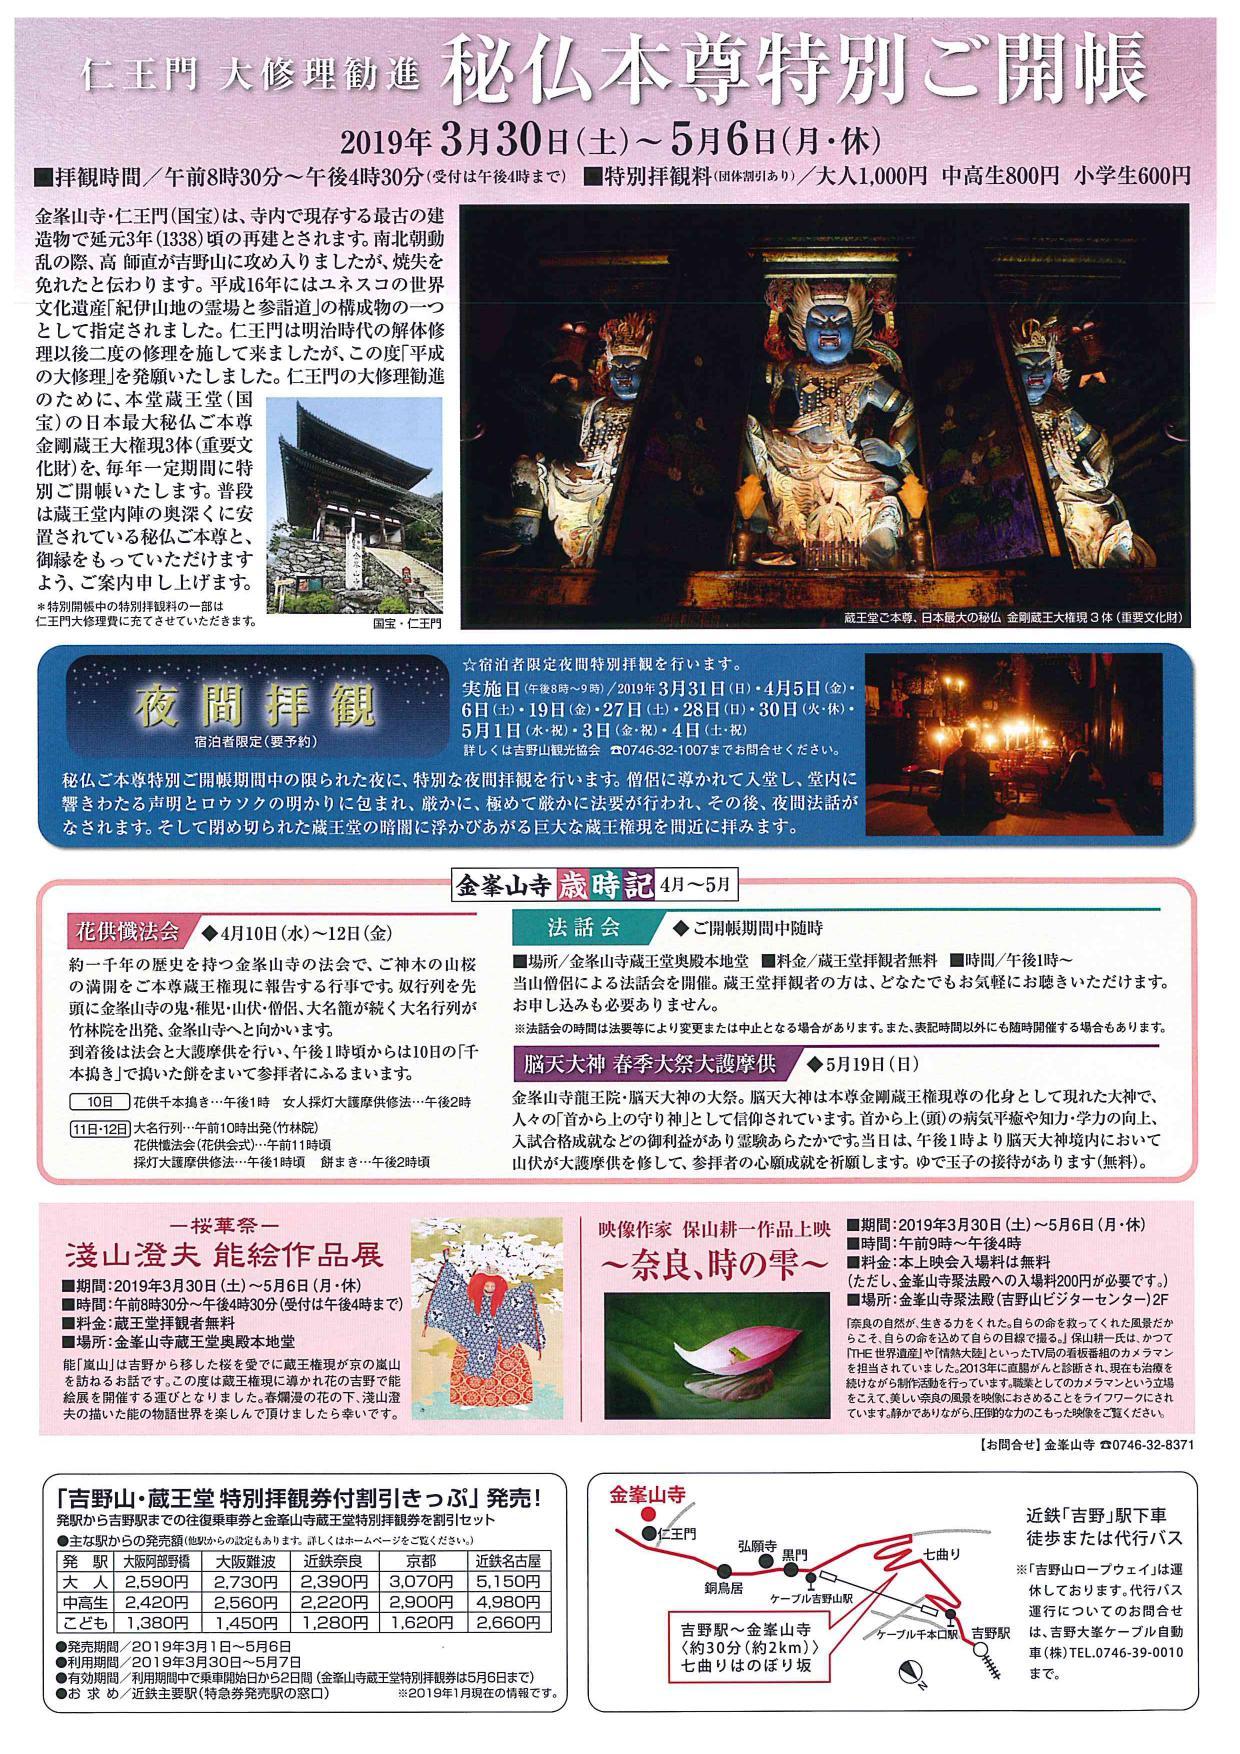 http://yoshino-kankou.jp/upload/gokaicho_ura.jpg